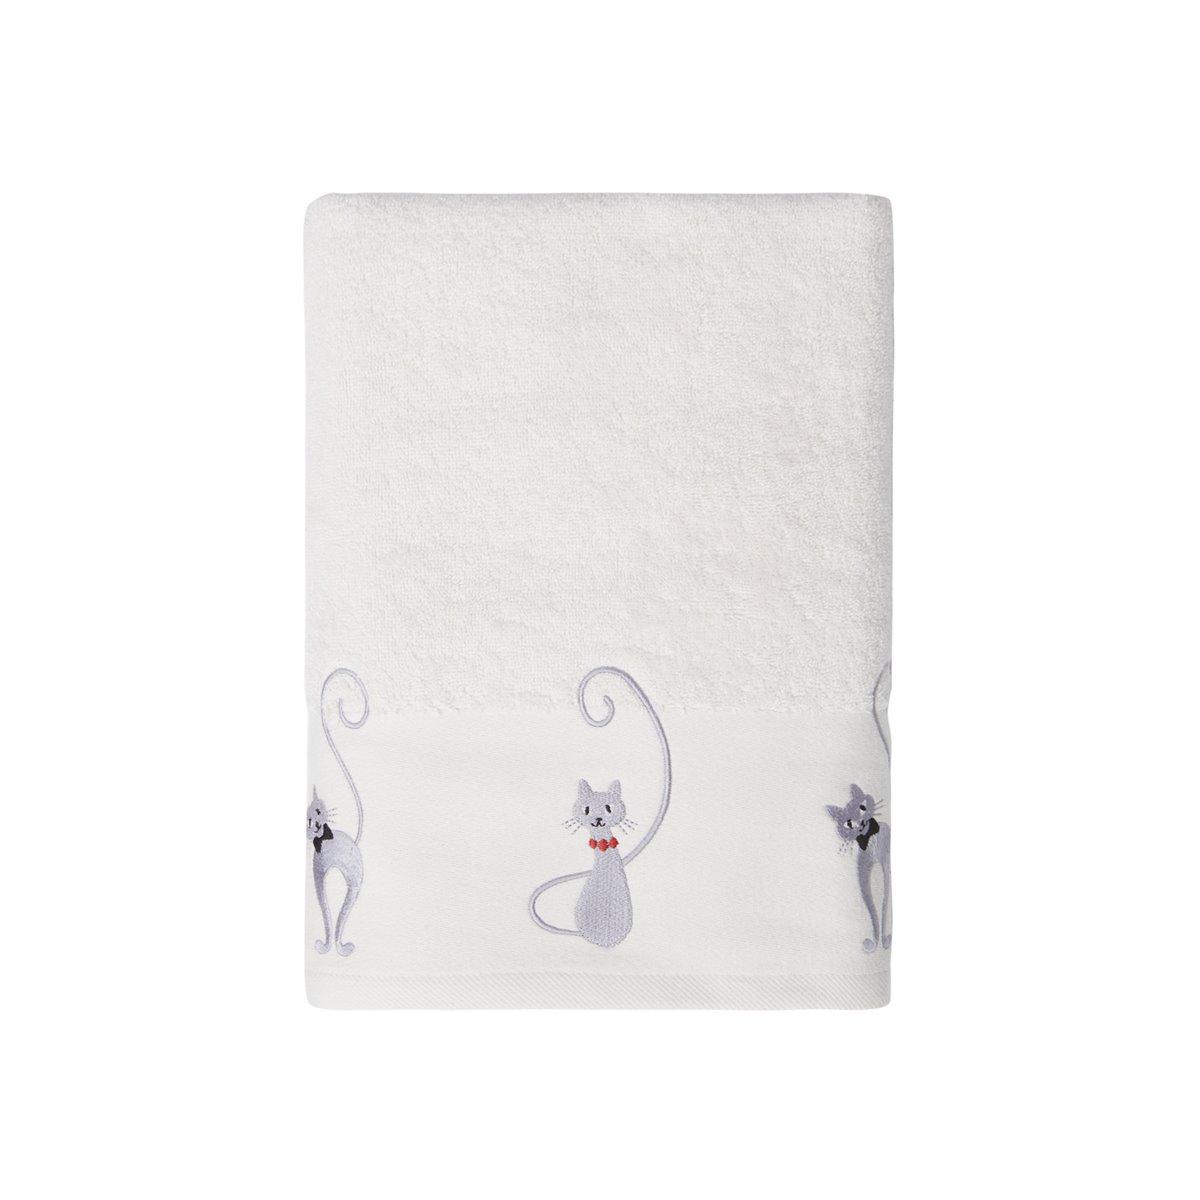 Drap de bain Blanc Casse 70x140 cm